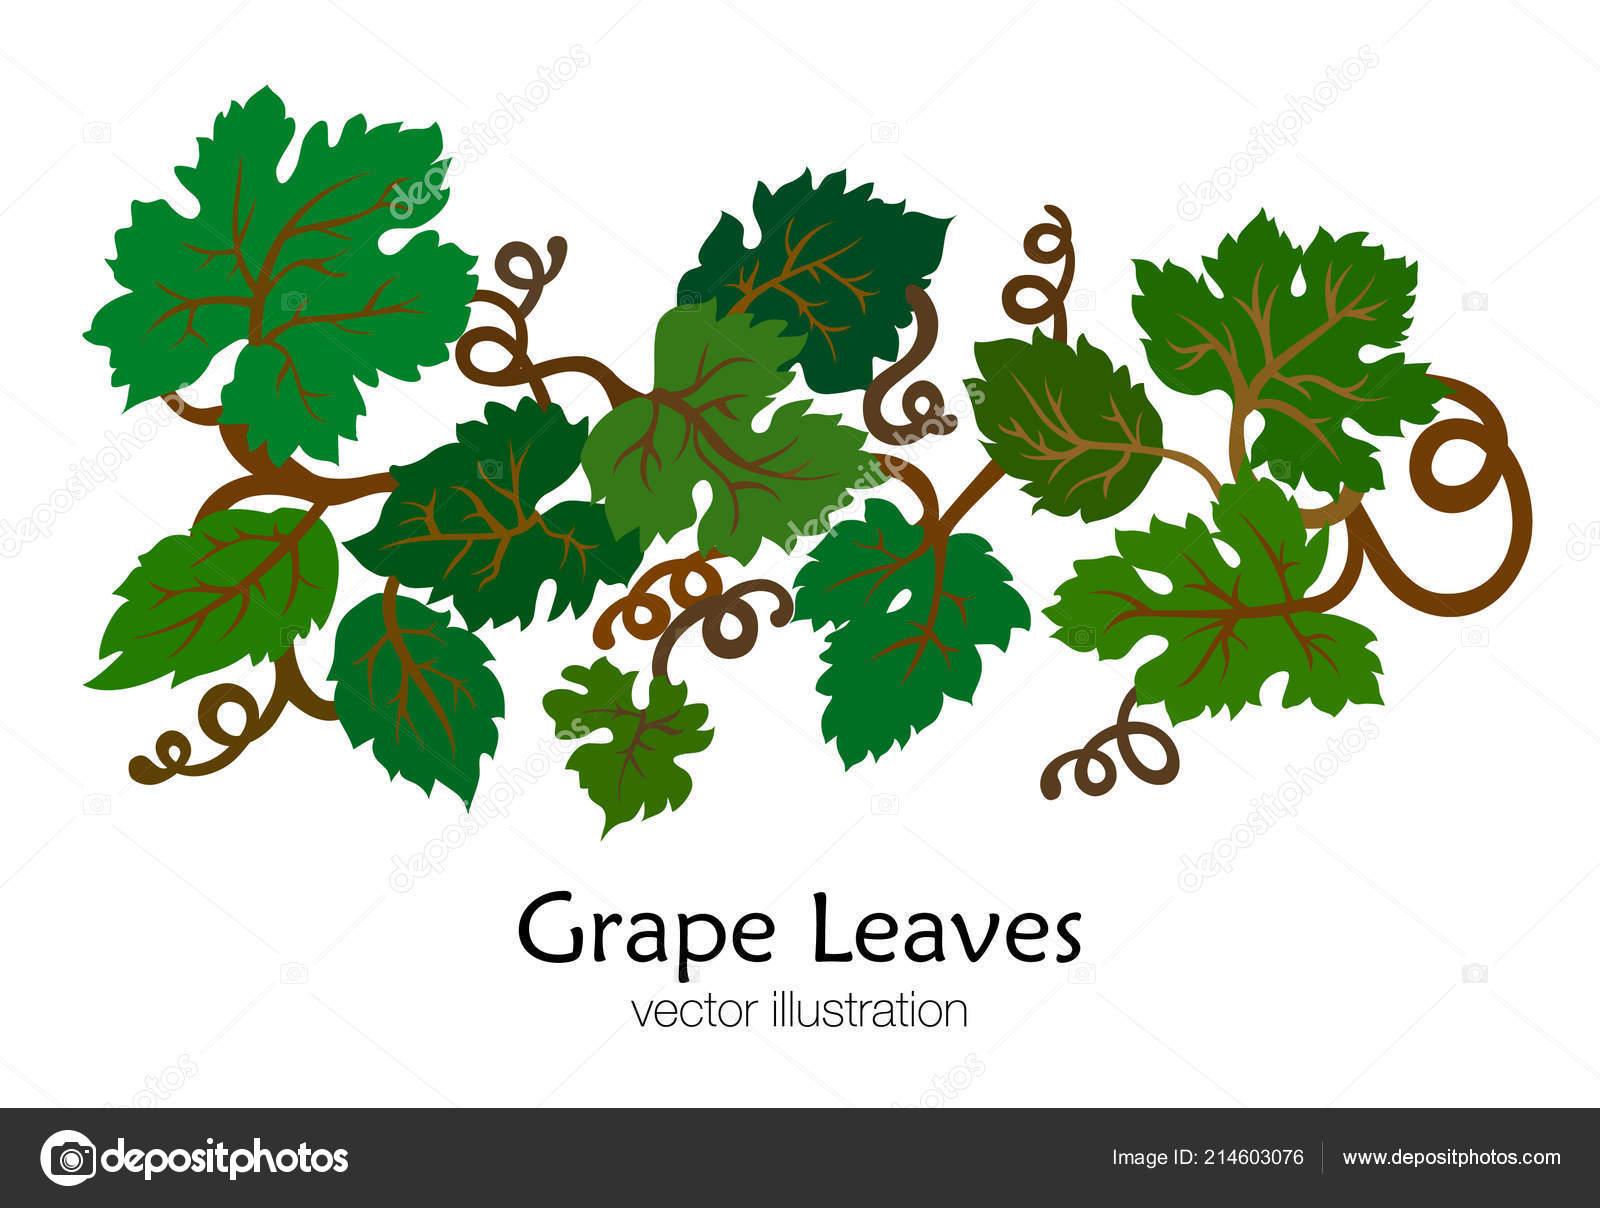 Pobocka Zelene Vinne Listy Rucne Kreslene Vektorove Ilustrace